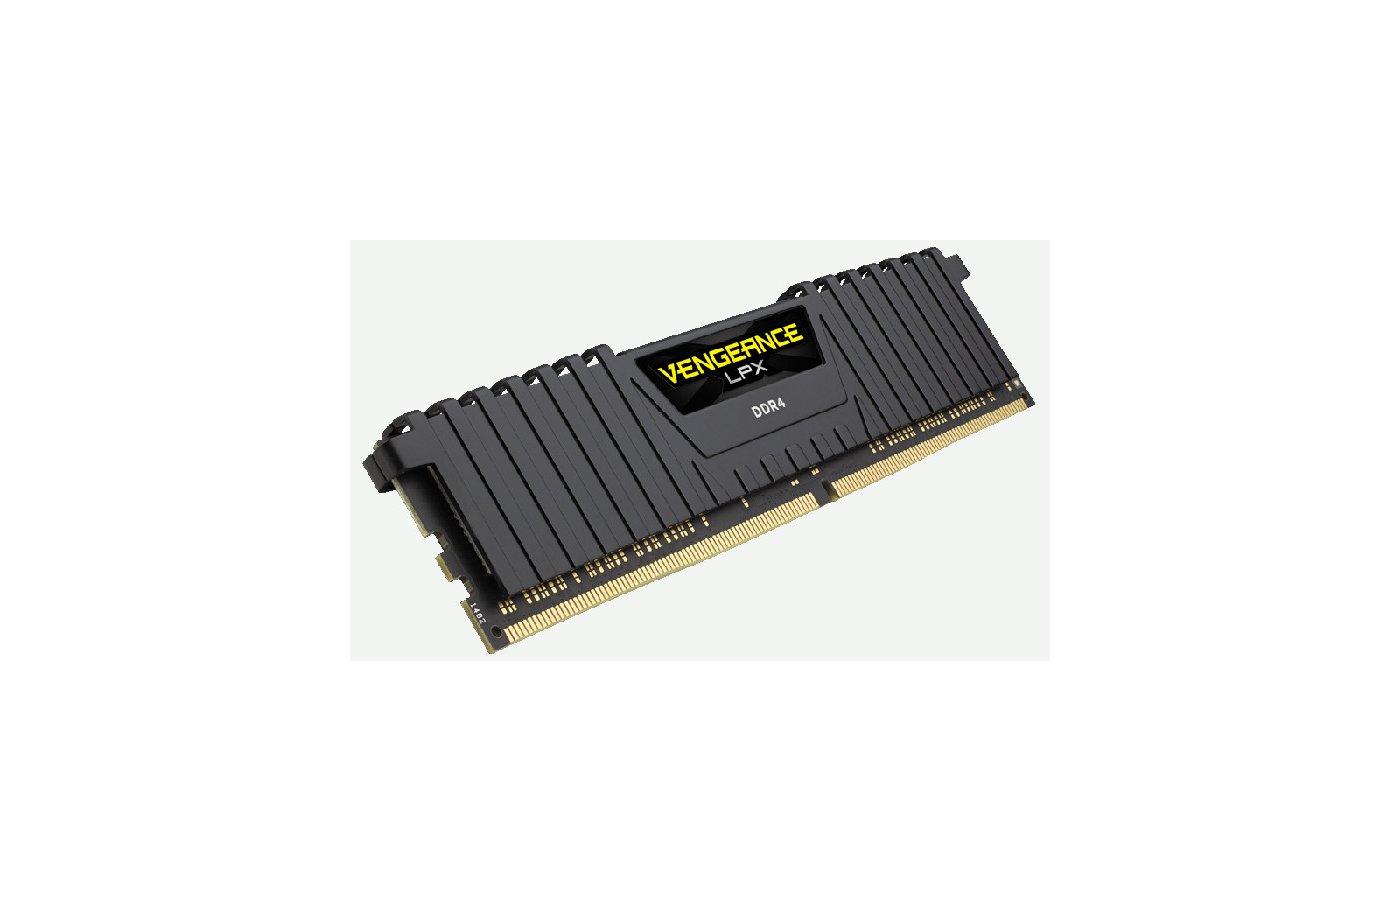 Оперативная память Corsair CMK16GX4M1A2666C16 RTL PC4-21300 DDR4 16Gb 2666MHz CL16 DIMM